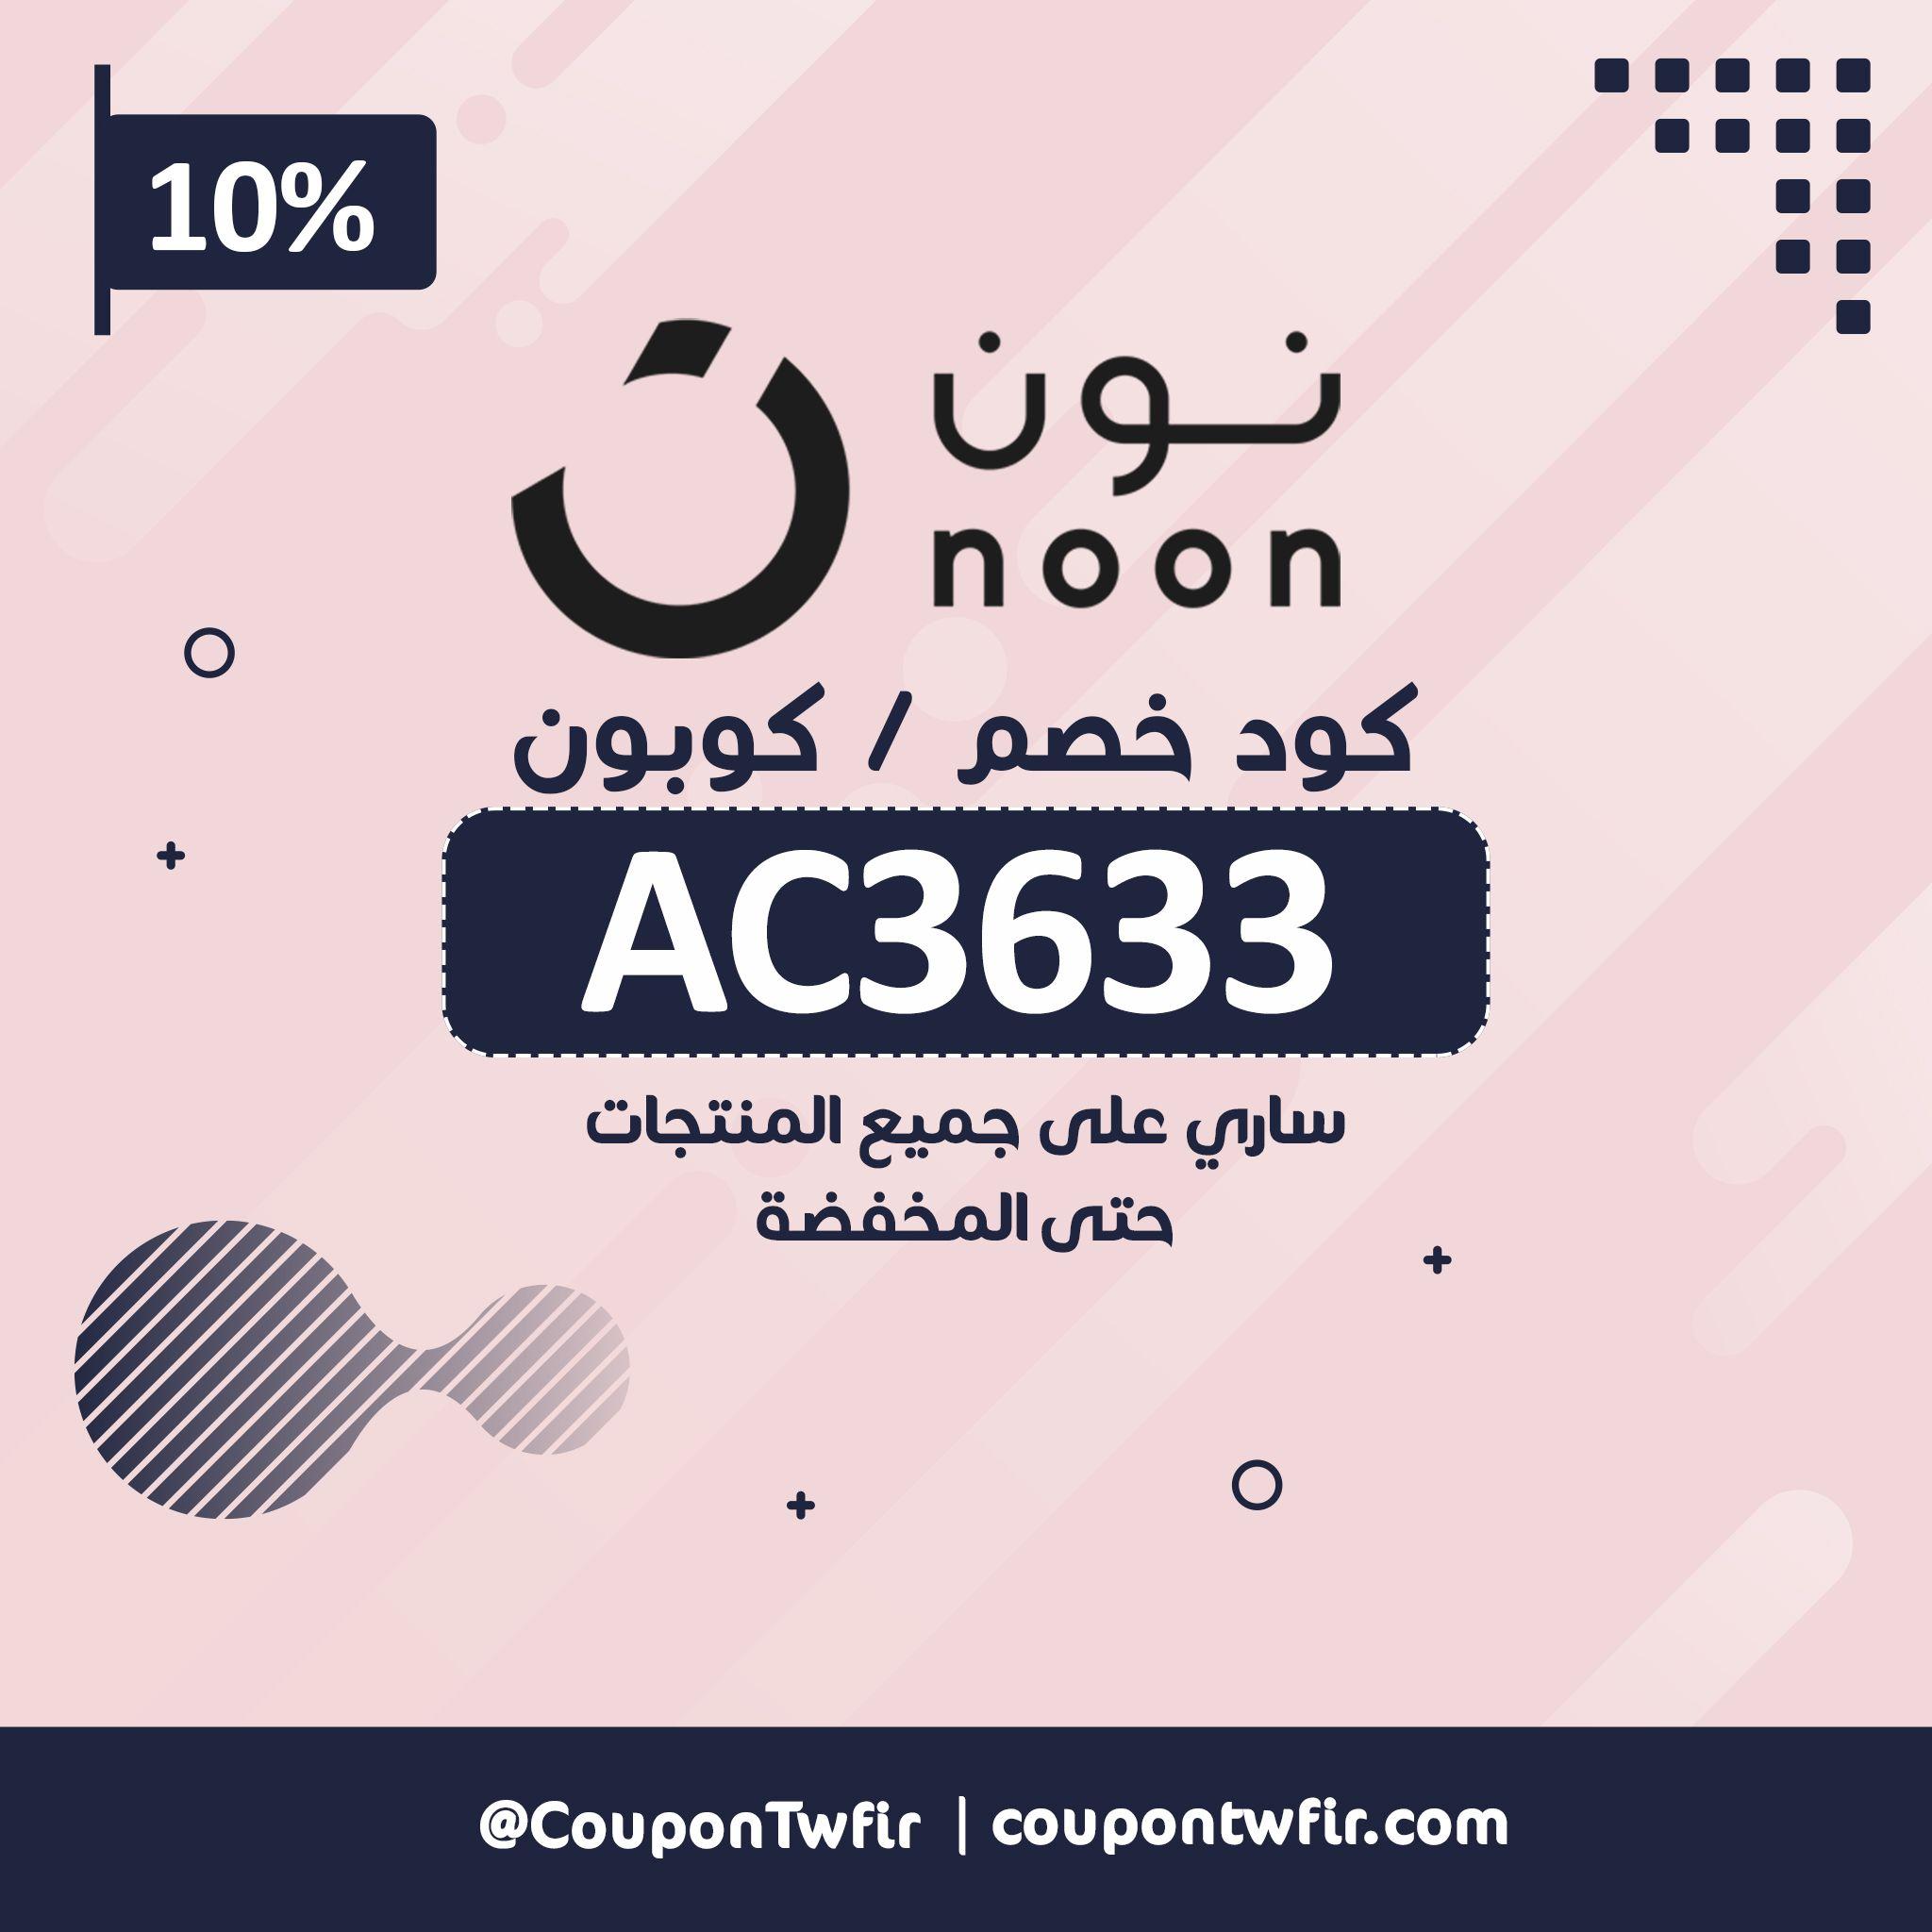 كوبون خصم نون مصر على جميع المنتجات حتى المخفضة Movie Posters Movies 10 Things